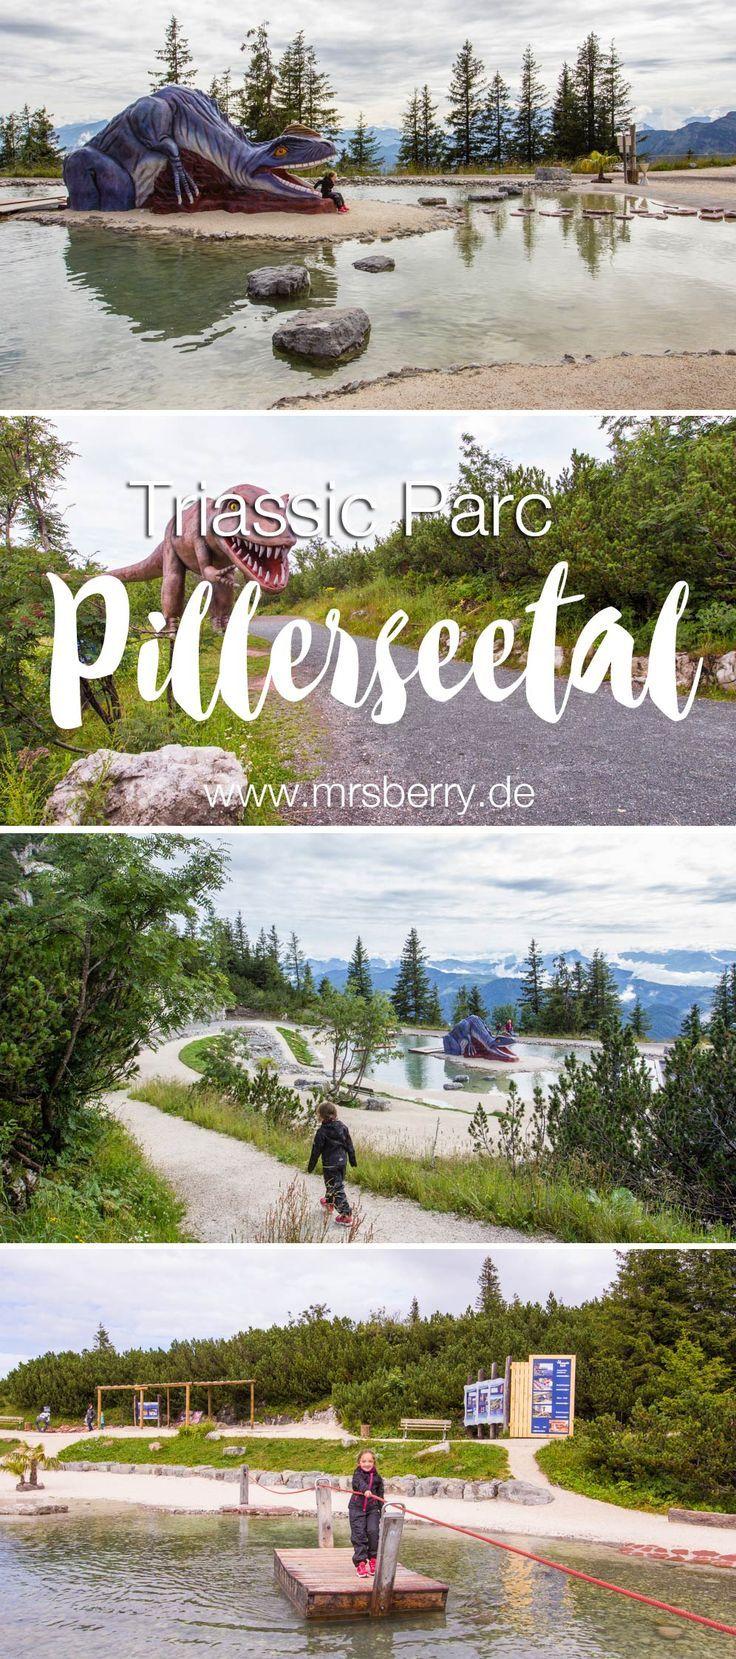 MrsBerry.de Reisetipp für Urlaub als Familie   Der Triassic Park auf der Steinplatte Waidring im wunderschönen Pillerseetal (Österreich) ist ein Spielparadies für Kinder und ein absolut empfehlenswertes Ausflugsziel für Familien.